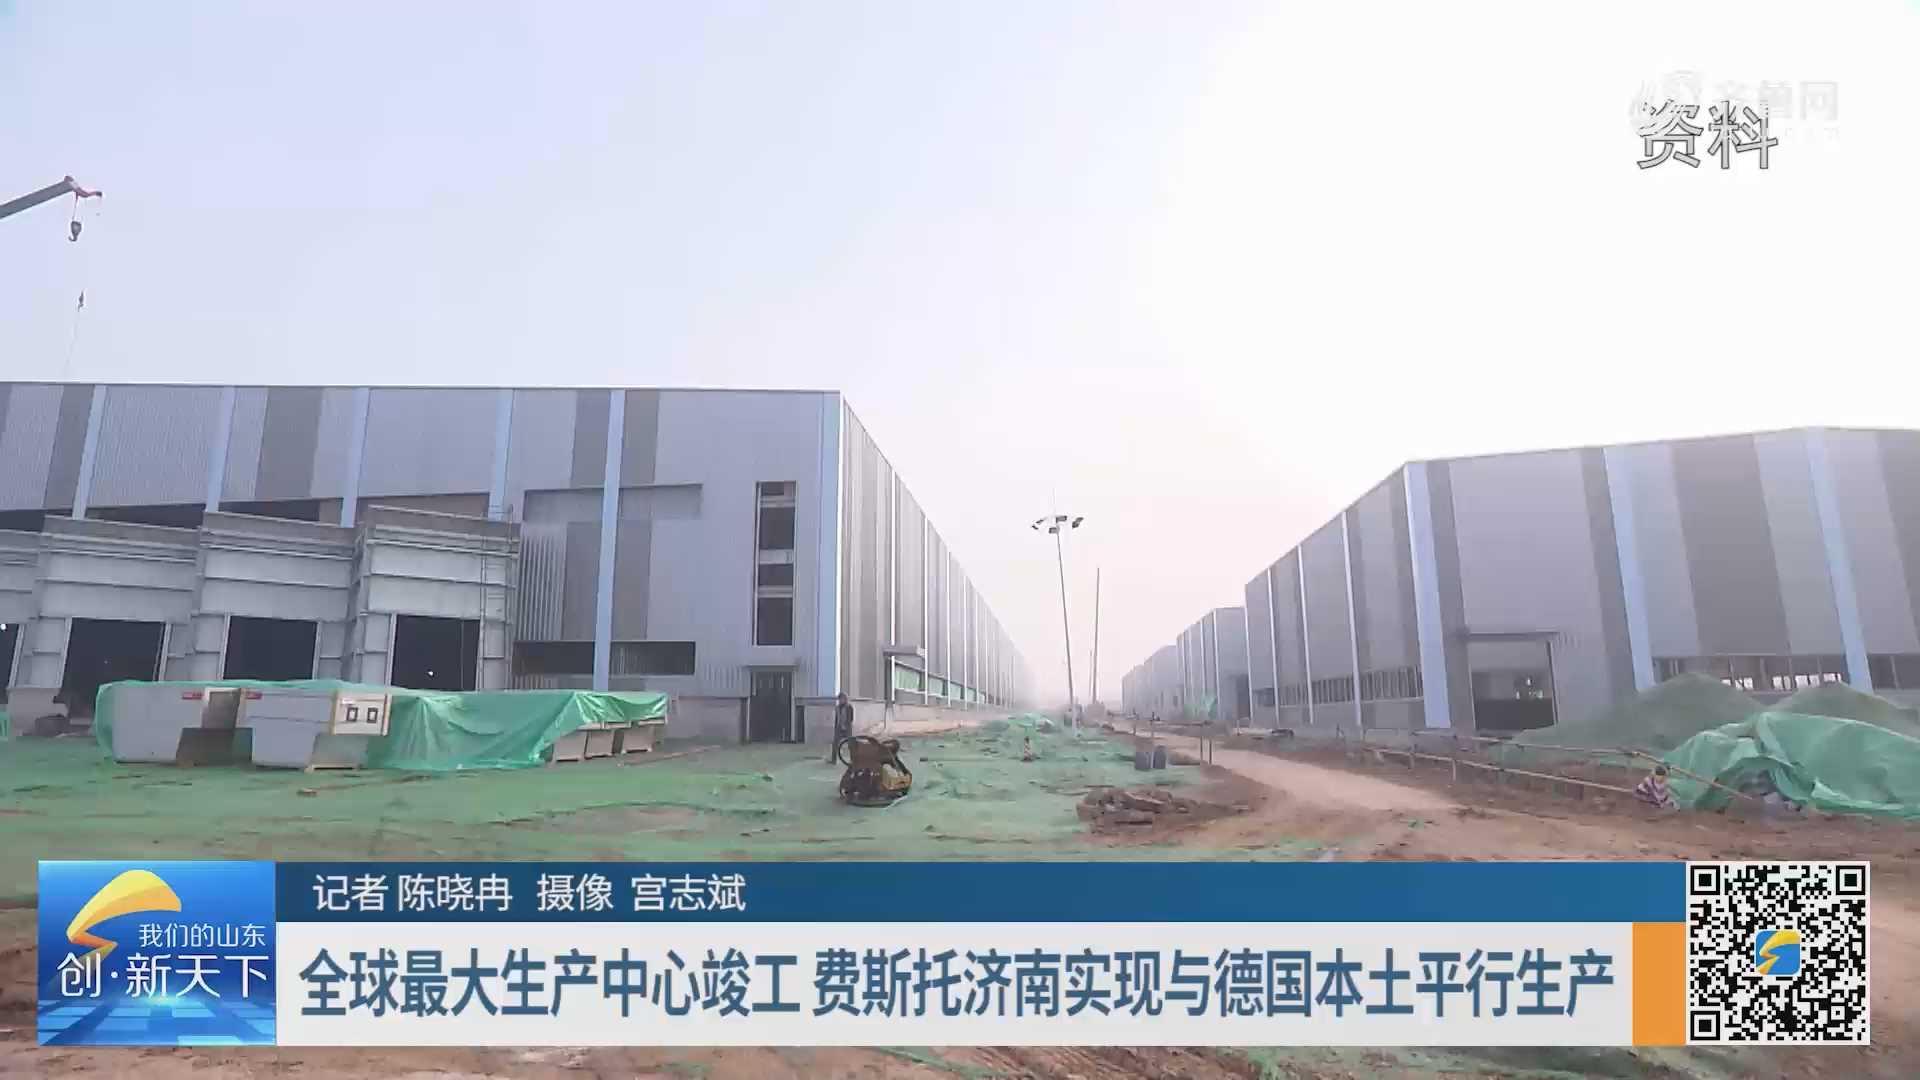 全球最大生产中心竣工 费斯托济南实现与德国本土平行生产